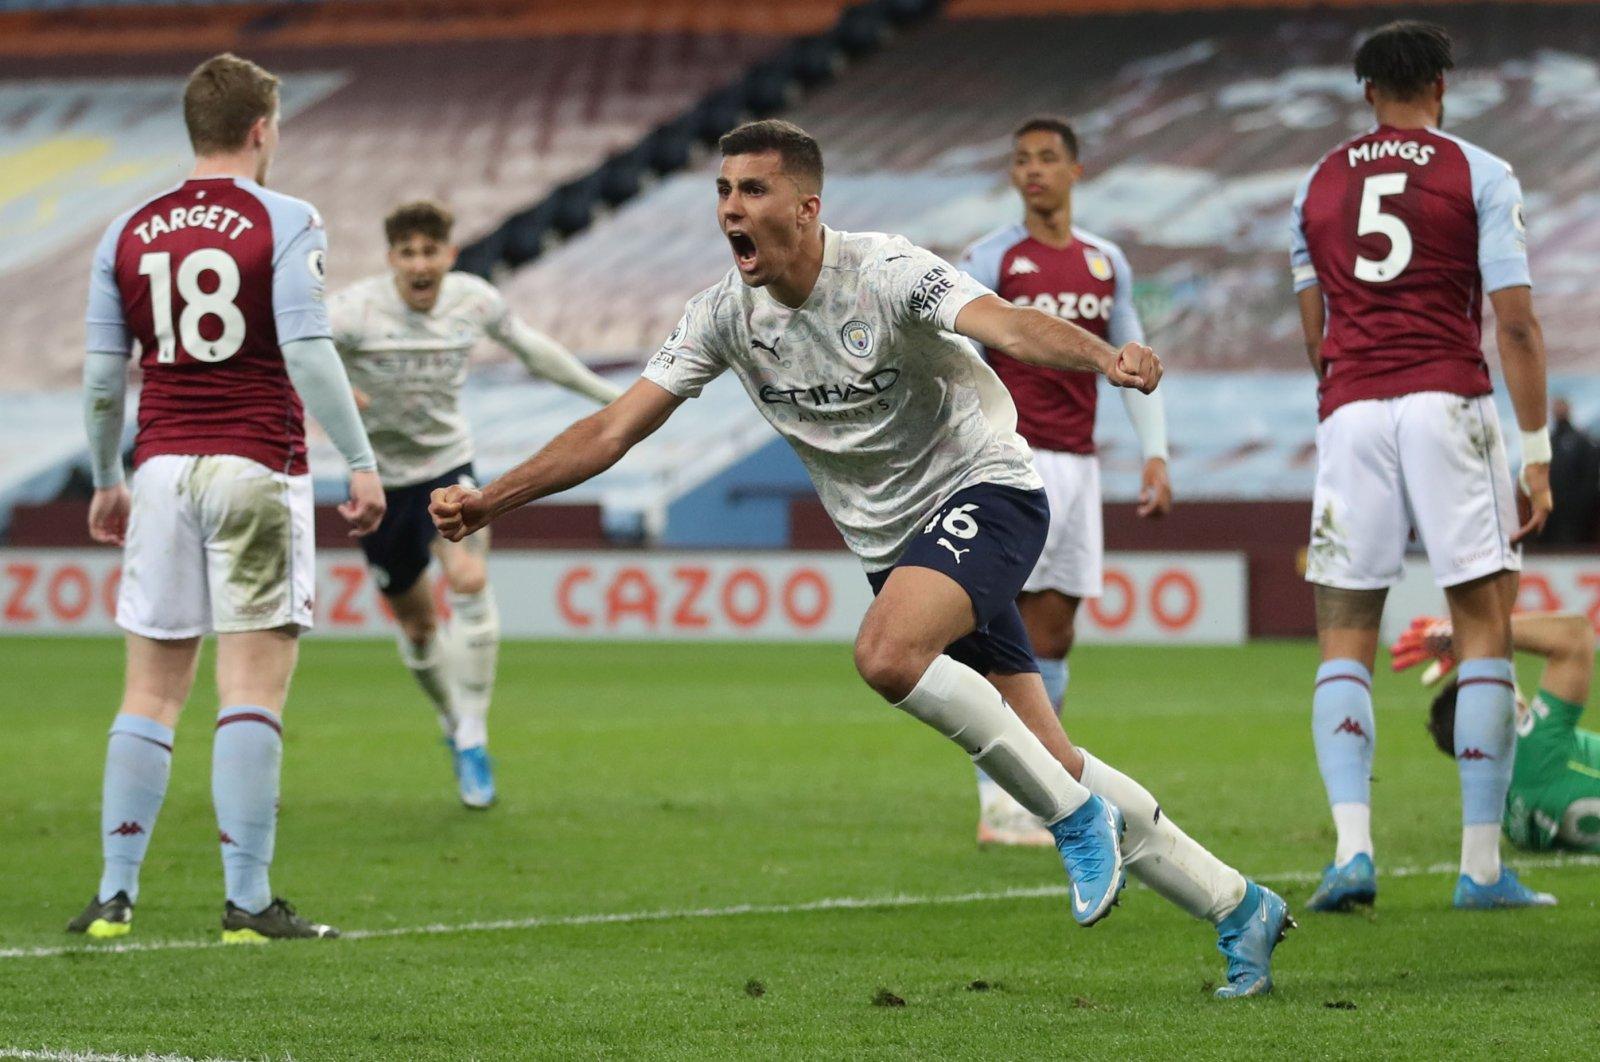 Manchester City's Rodrigo celebrates scoring against Aston Villa in a Premier League match at Villa Park, Birmingham, Britain, April 21, 2021. (Reuters Photo)